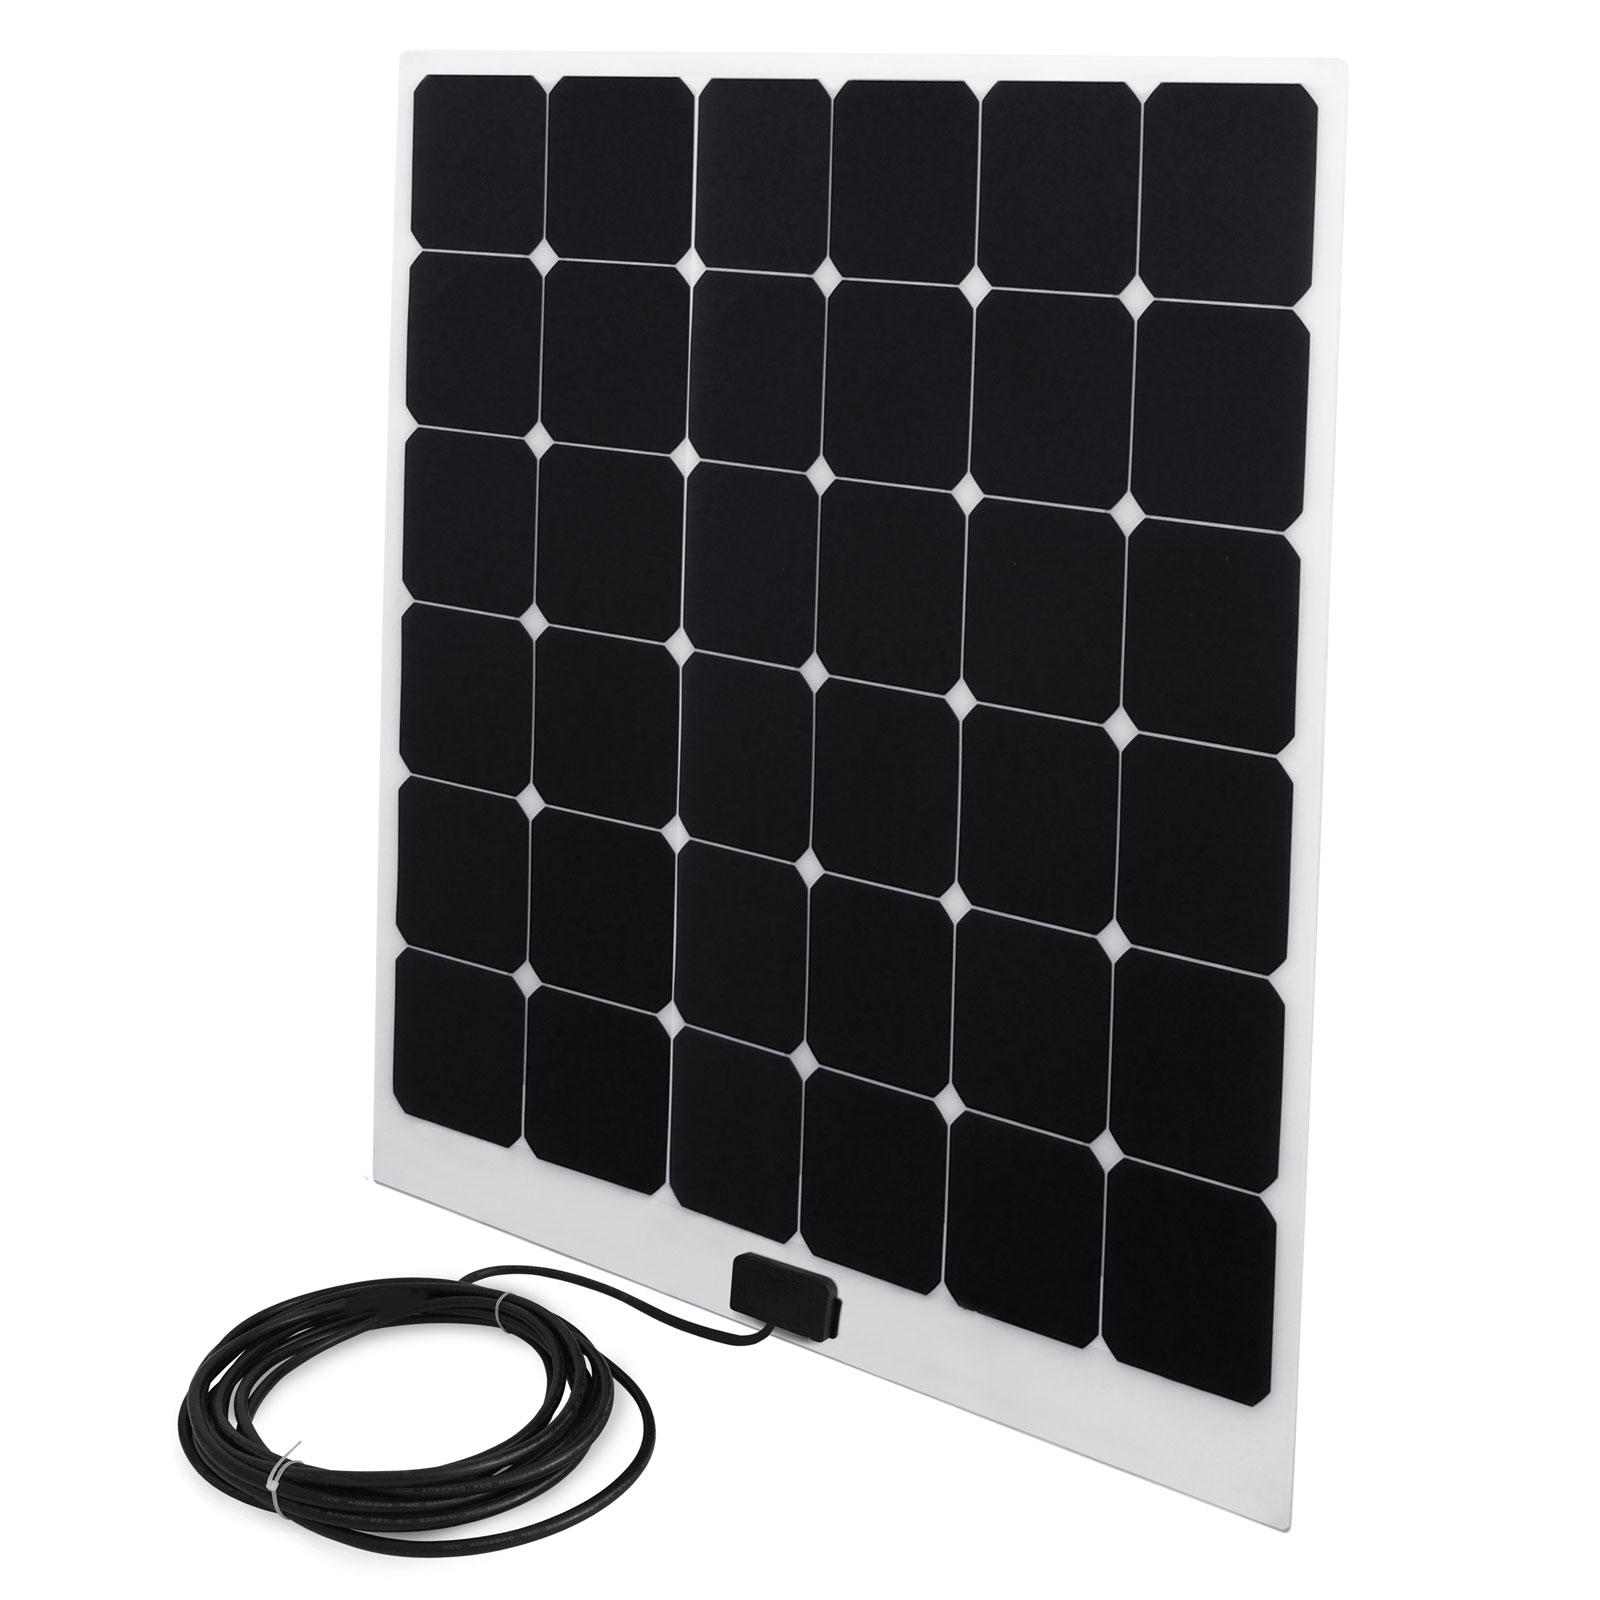 Solarpanel 100 Watt 92x80 cm 3mm dünn 20,8V Ladespannung